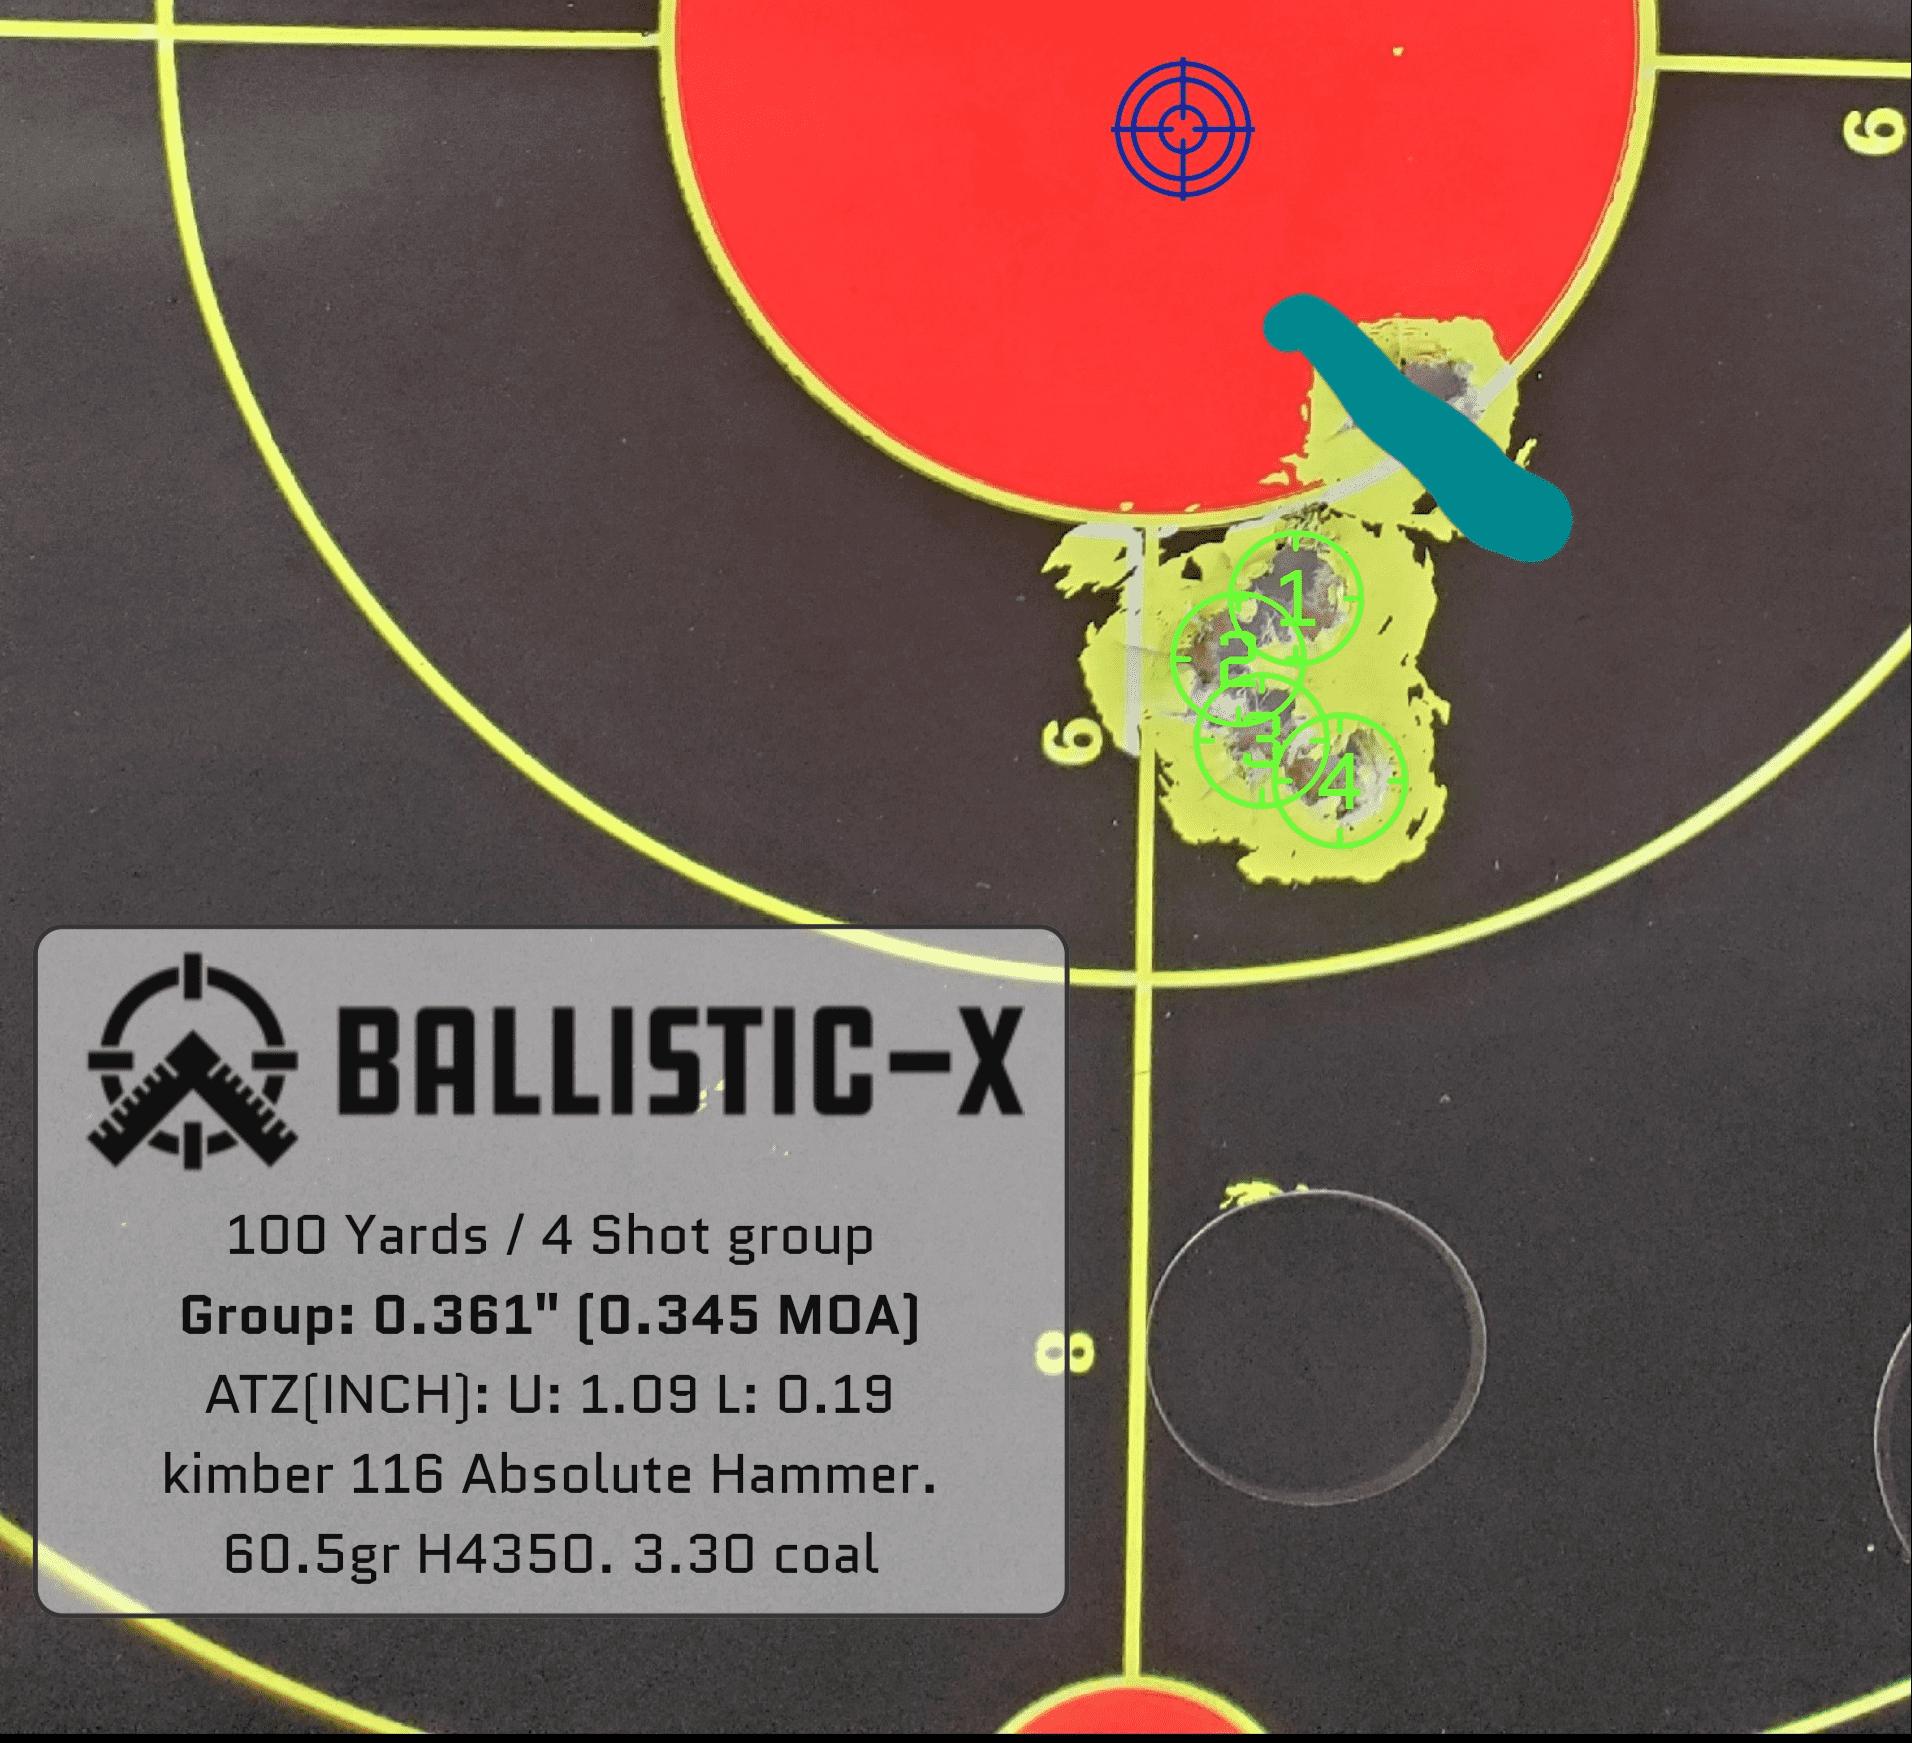 Ballistic-X-Export-2021-05-26 22:21:23.062239.png